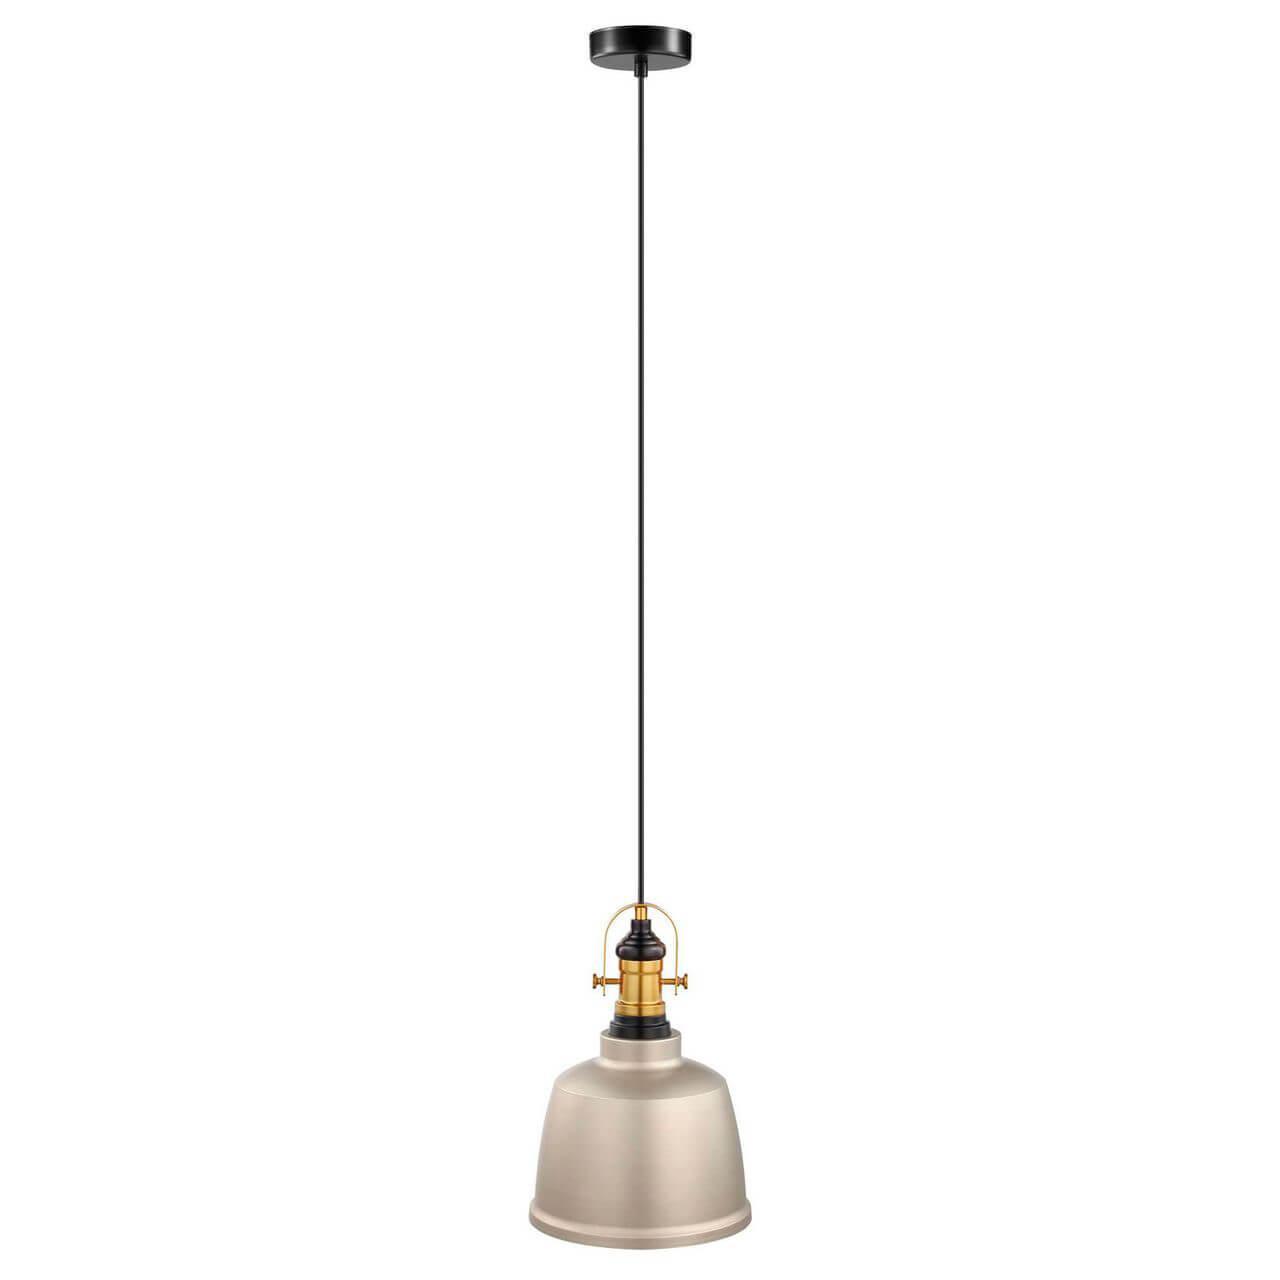 Подвесной светильник Eglo 49686, E27, 60 Вт цены